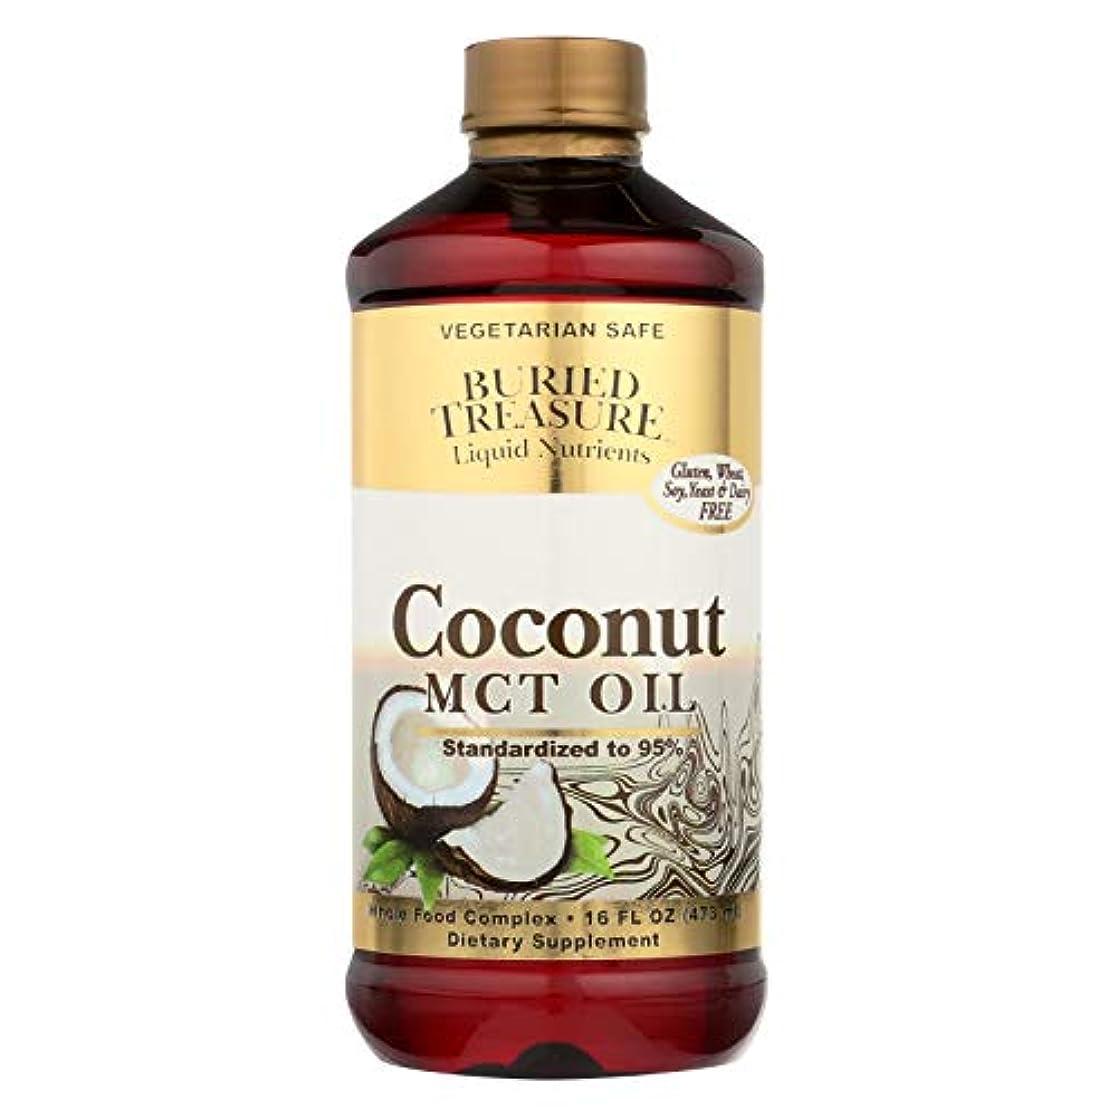 休眠入力迷信海外直送品Coconut Oil MCT, 16 oz by Buried Treasure